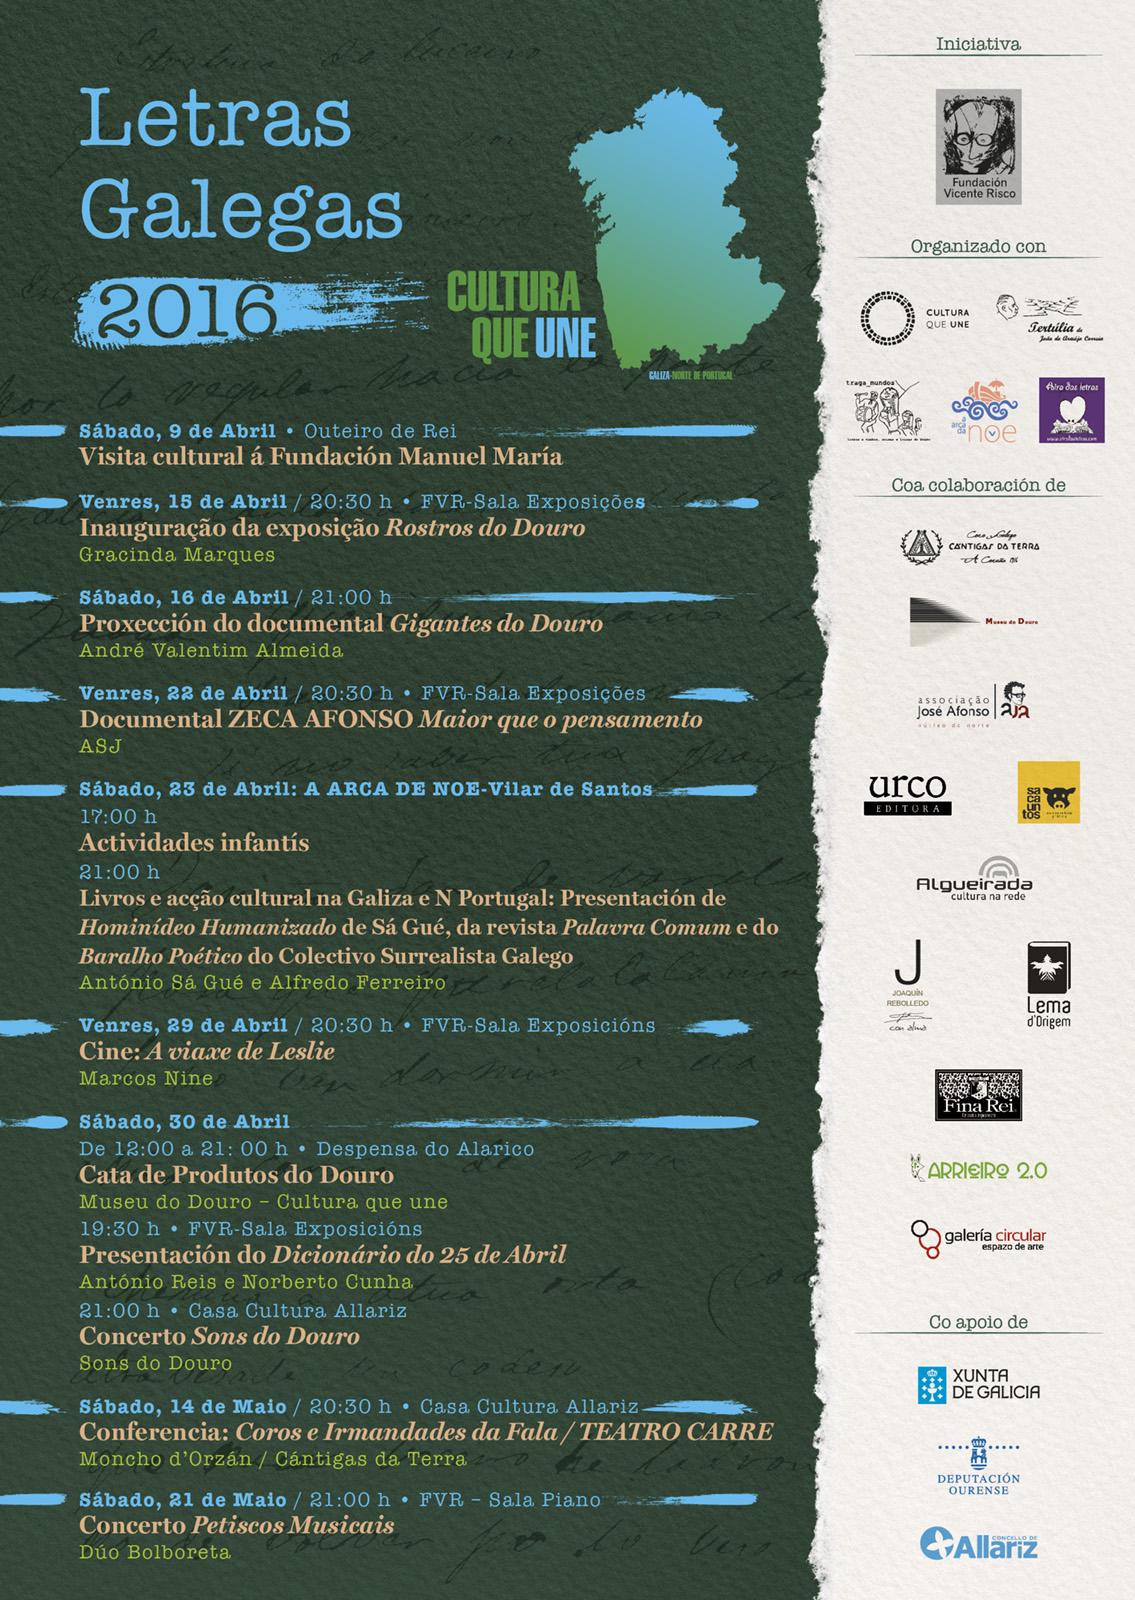 Cultura que une: Letras Galegas 2016